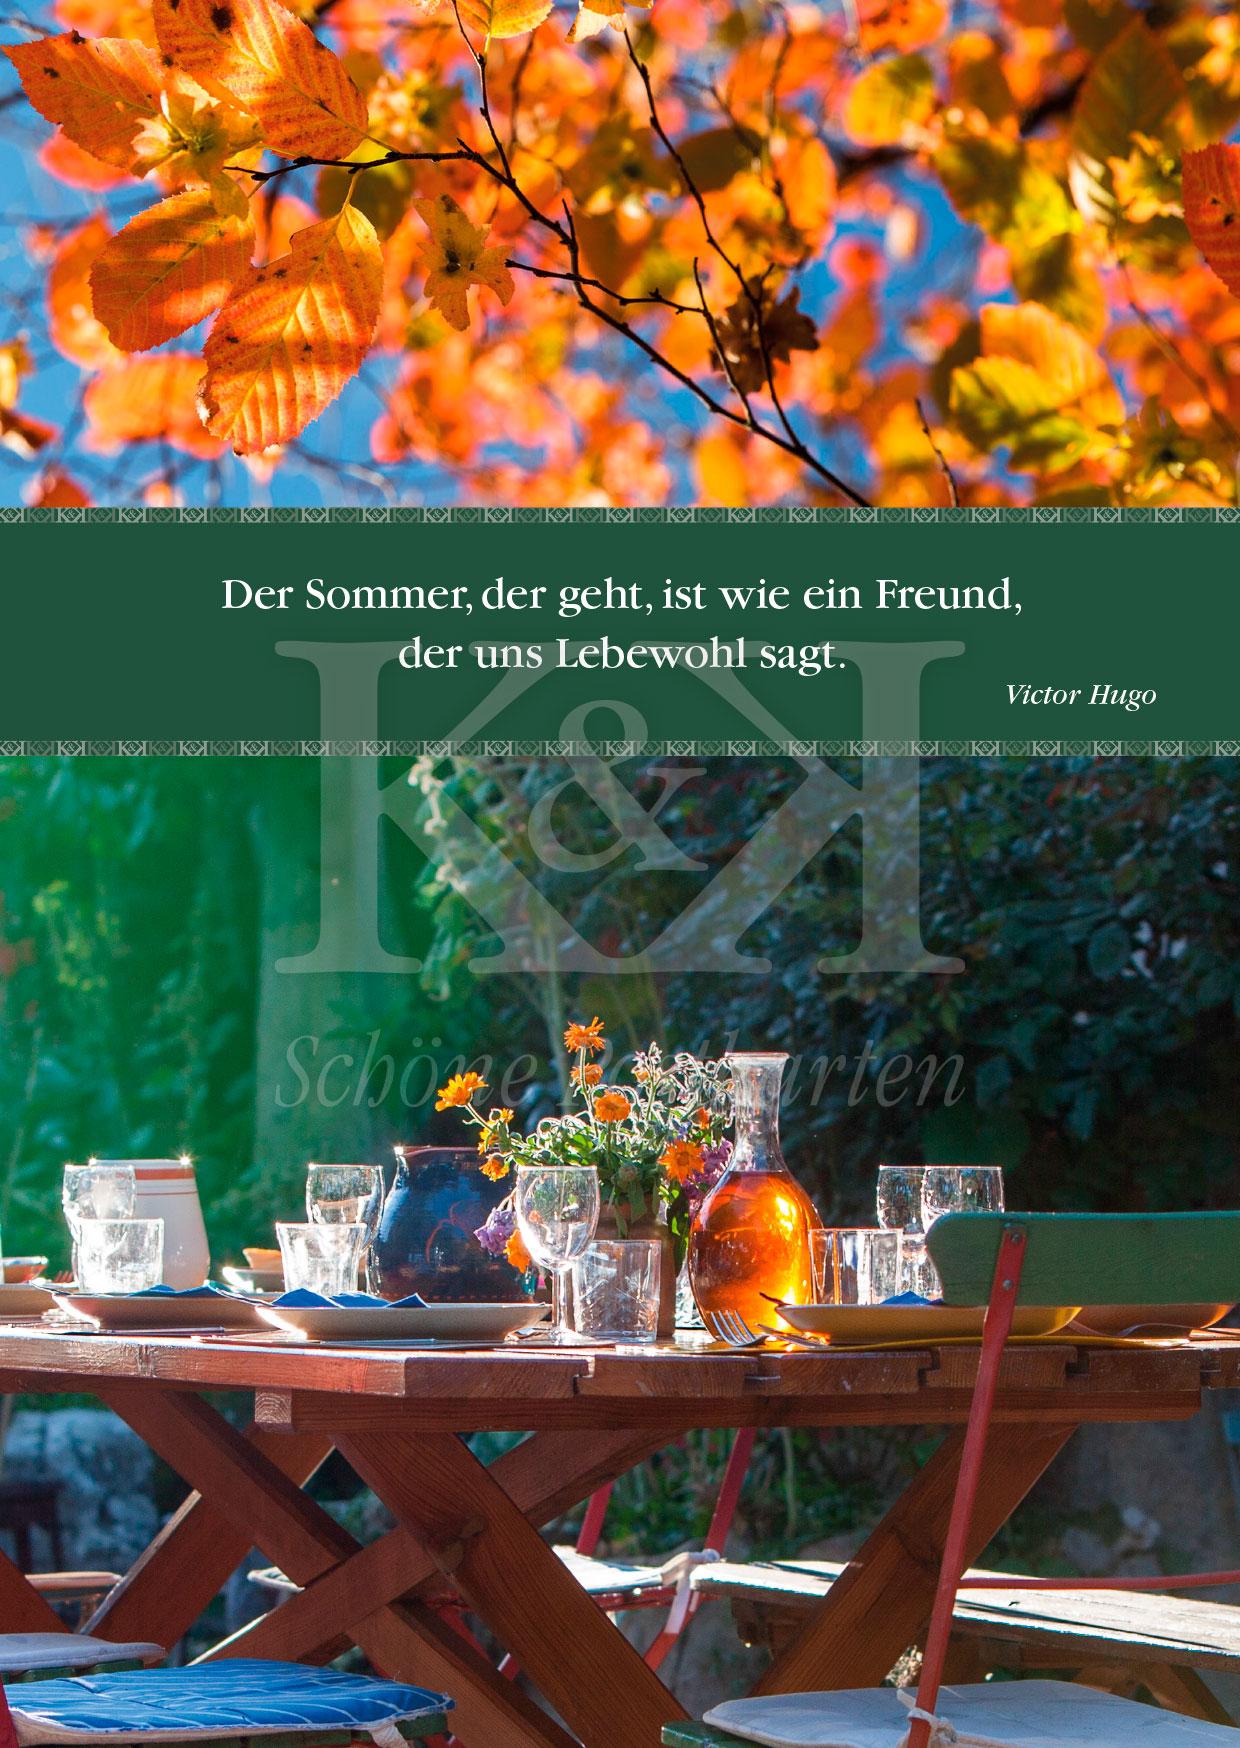 Der Sommer, der geht. Victor Hugo · Schöne Postkarte · Nr. 4 · © www.schoenepostkarten.de